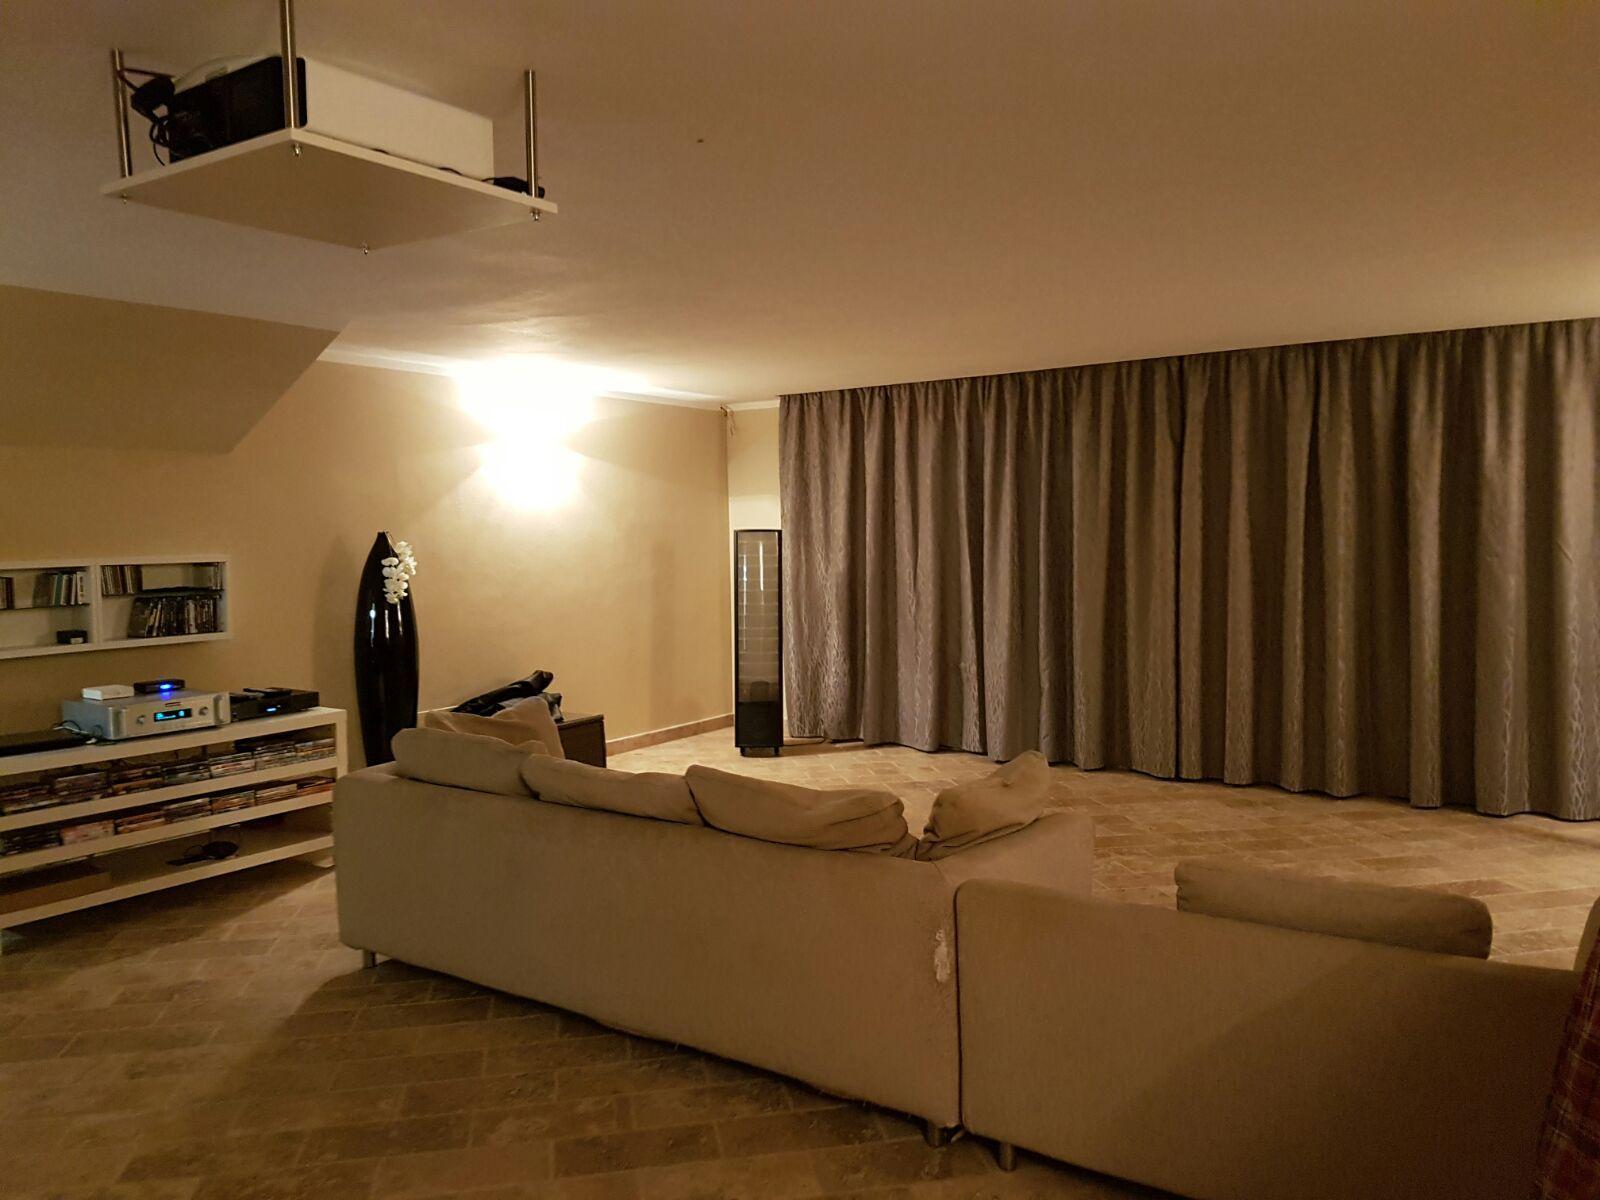 Binari Tende A Soffitto : Tende su binari con movimento a corde ed installazione a soffitto